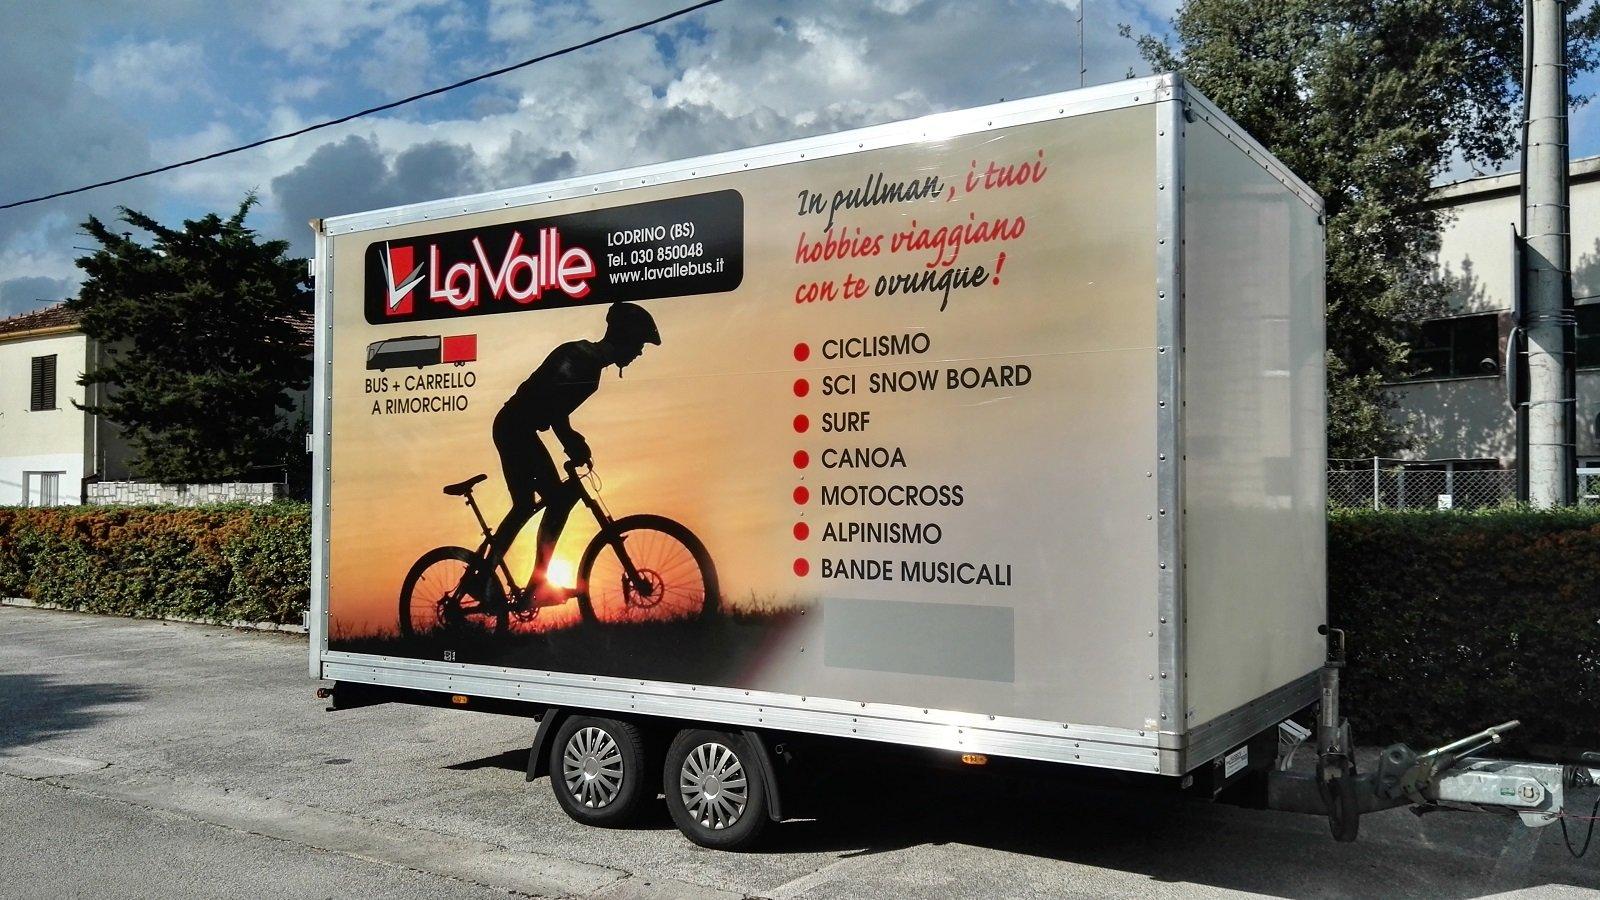 un rimorchio sopra un carrello con l'immagine di un ciclista che pedala al tramonto